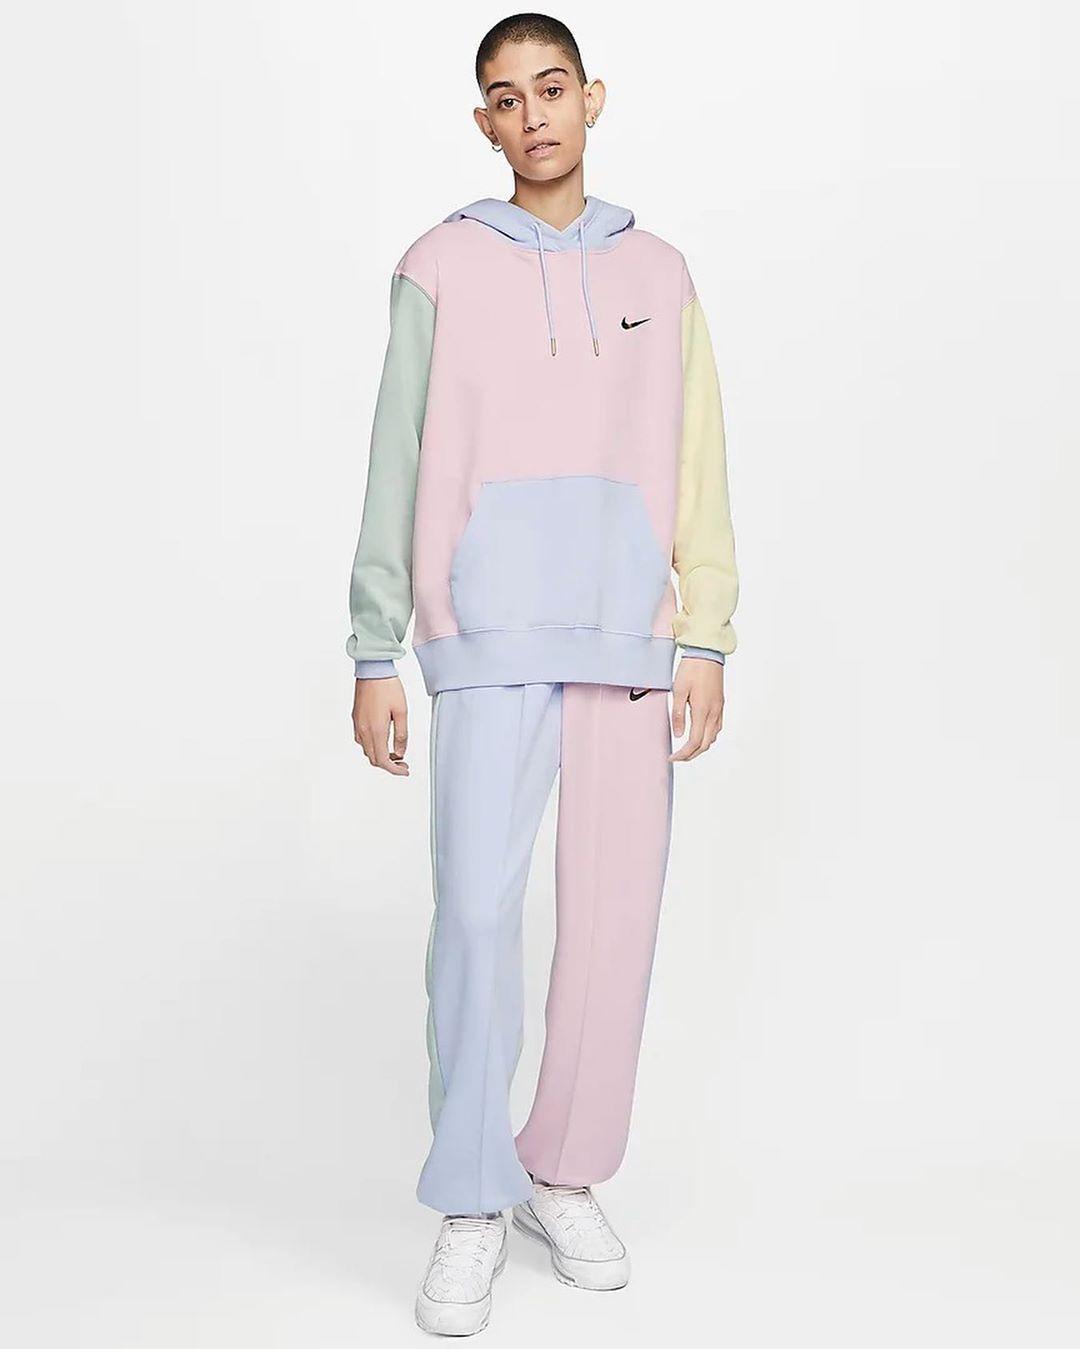 1 Lifestyle Media On Instagram Drop Nike Nouvelles Sappes Pastels Maintenant Disponibles Sur L Nike Sportswear Women Nike Sportswear Trousers Women [ 1349 x 1080 Pixel ]